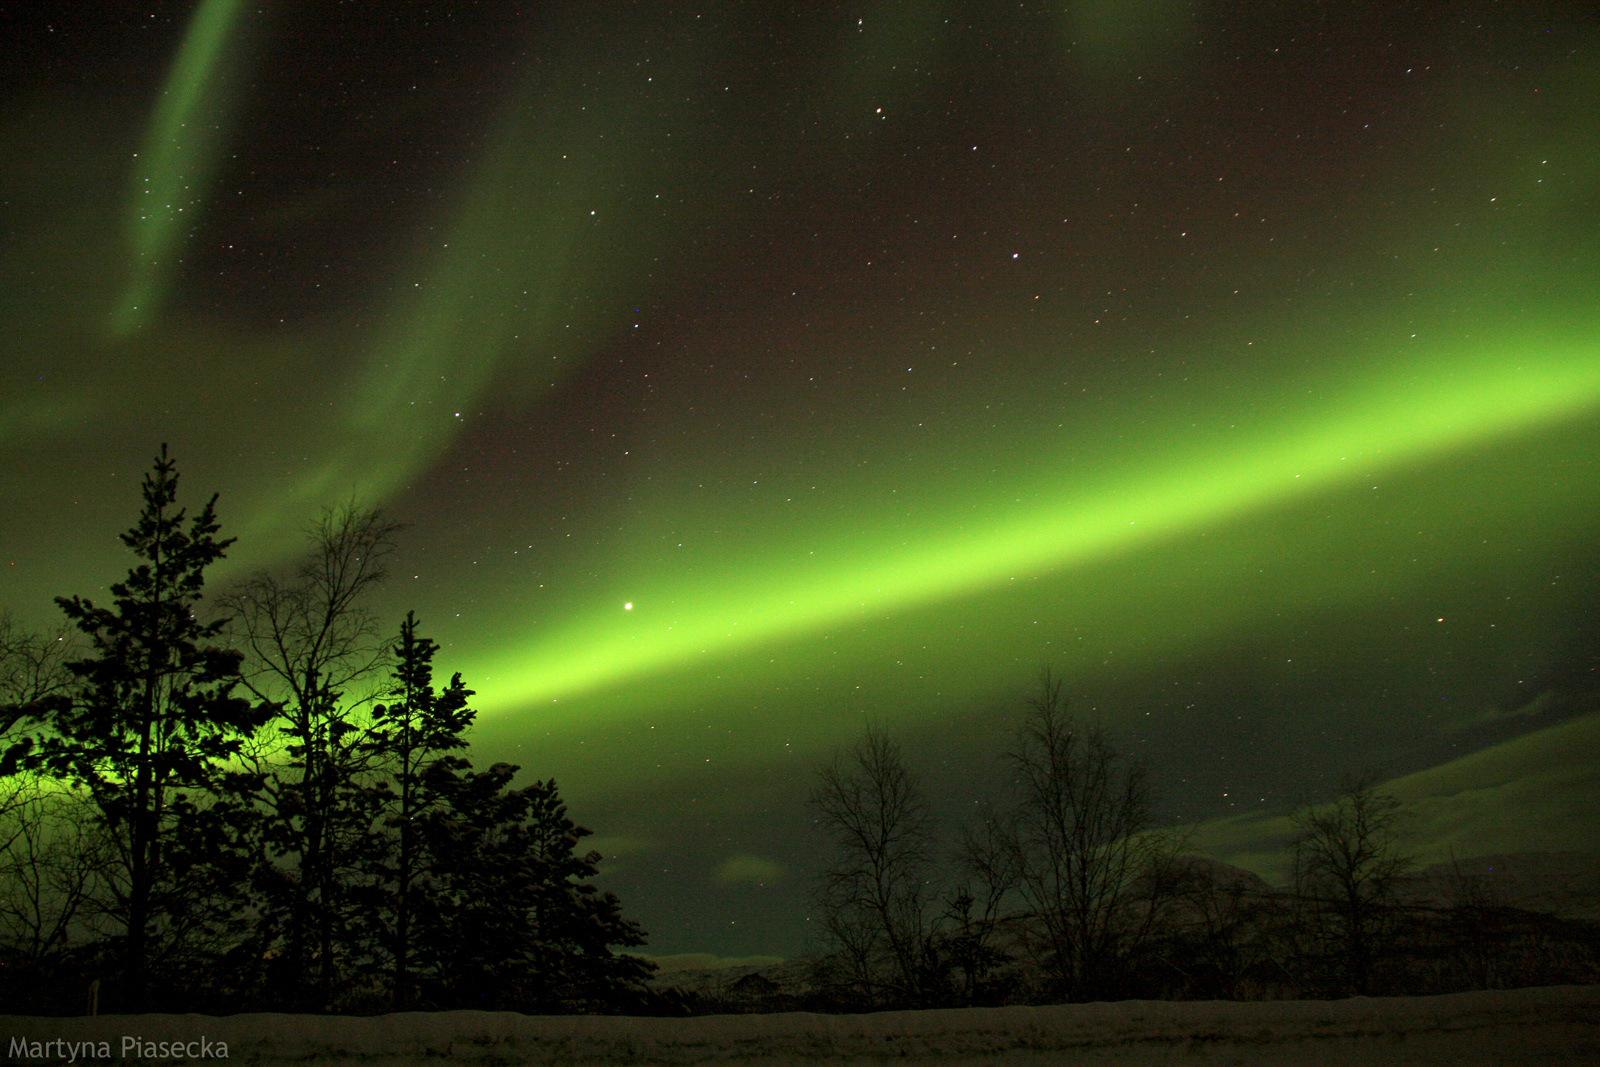 NORWEGIA, Beiarn, magia zorzy polarnej - zdjęcia z podróży na północ